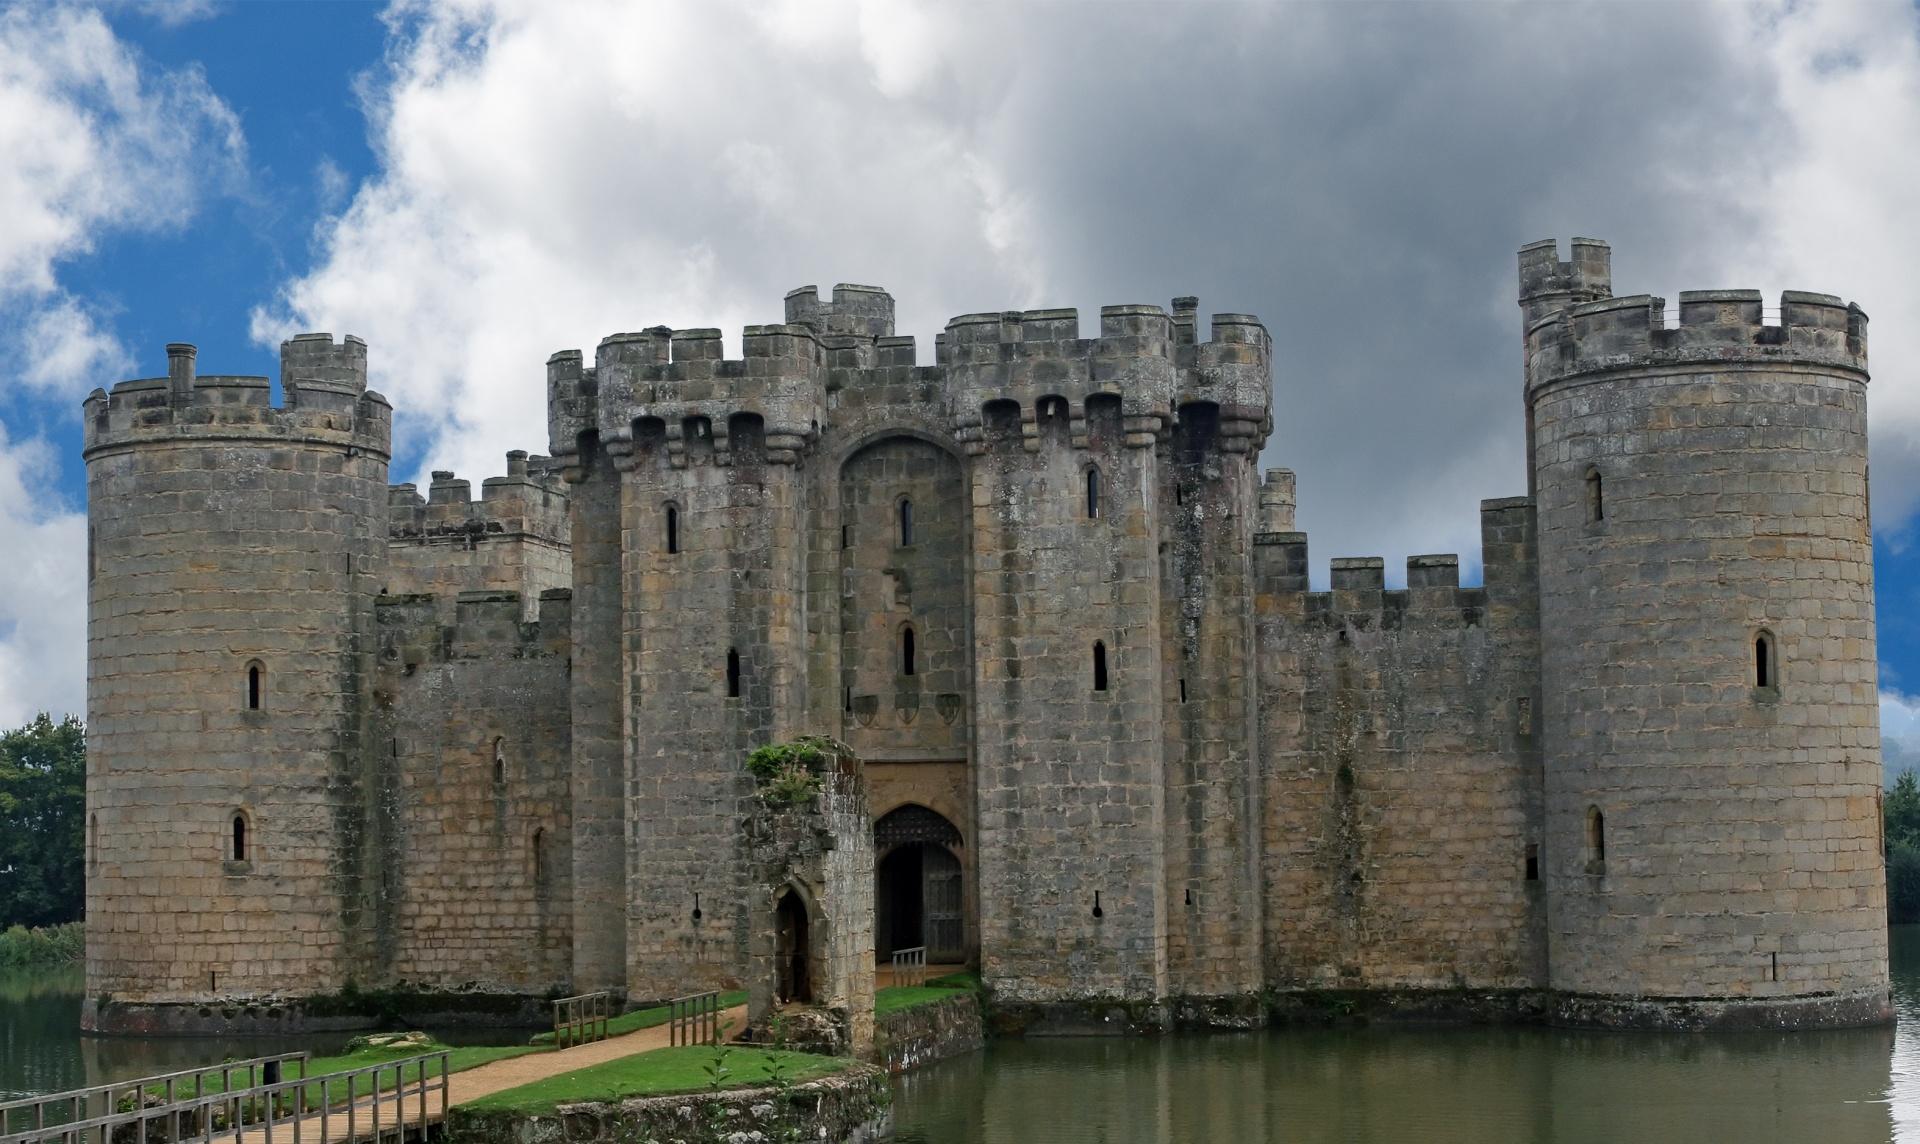 Bodiam Castle11